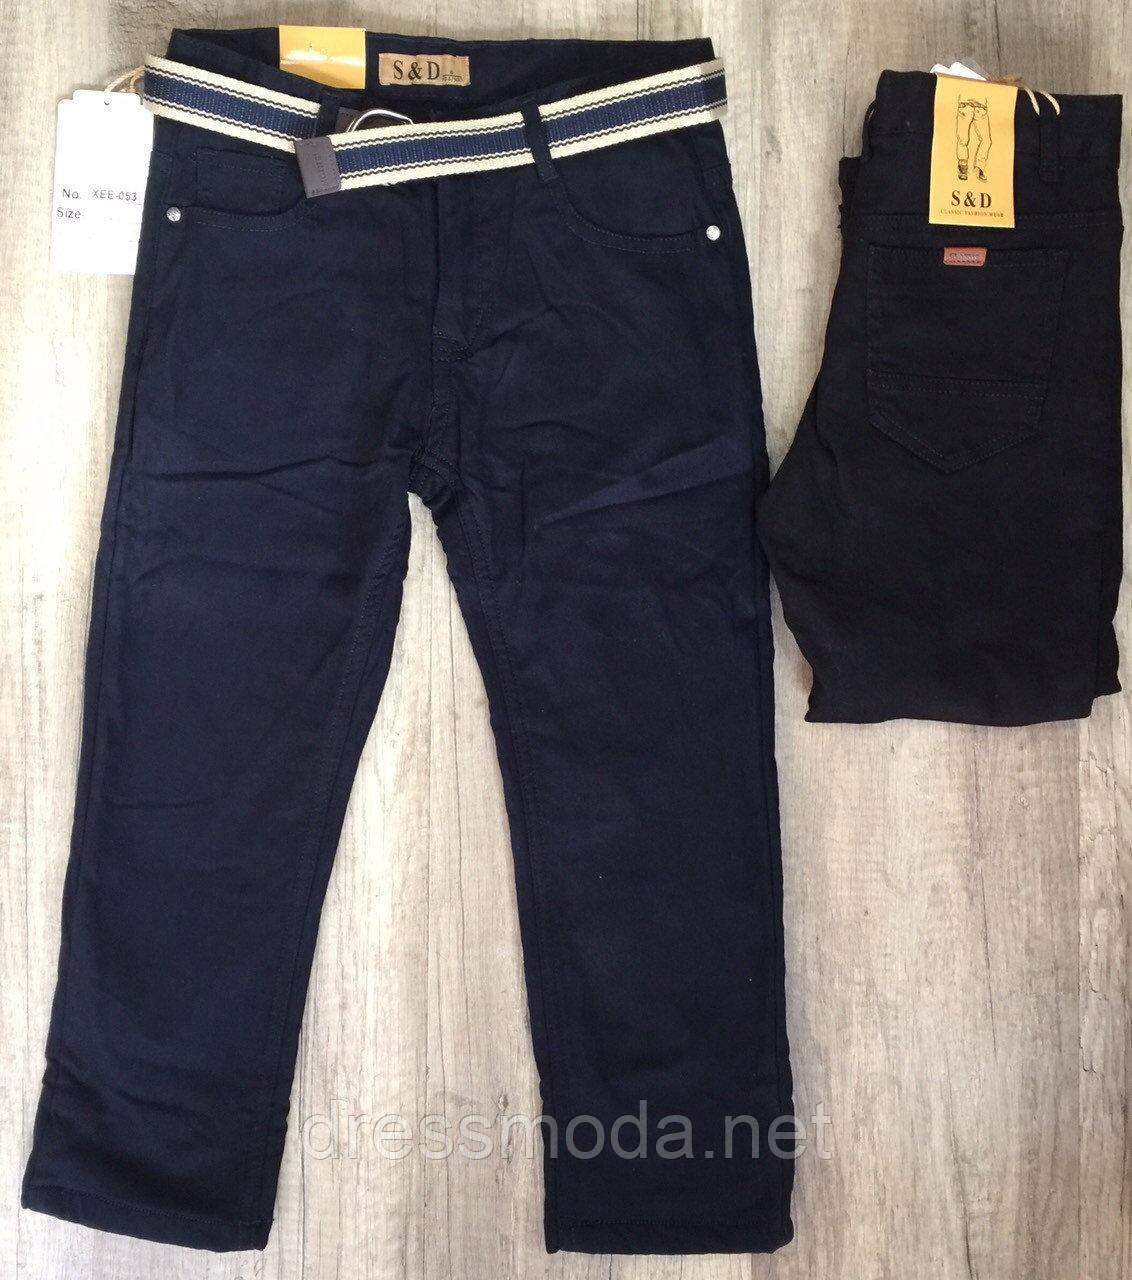 Котоновые брюки на флисе для мальчиков S&D 6-16 лет